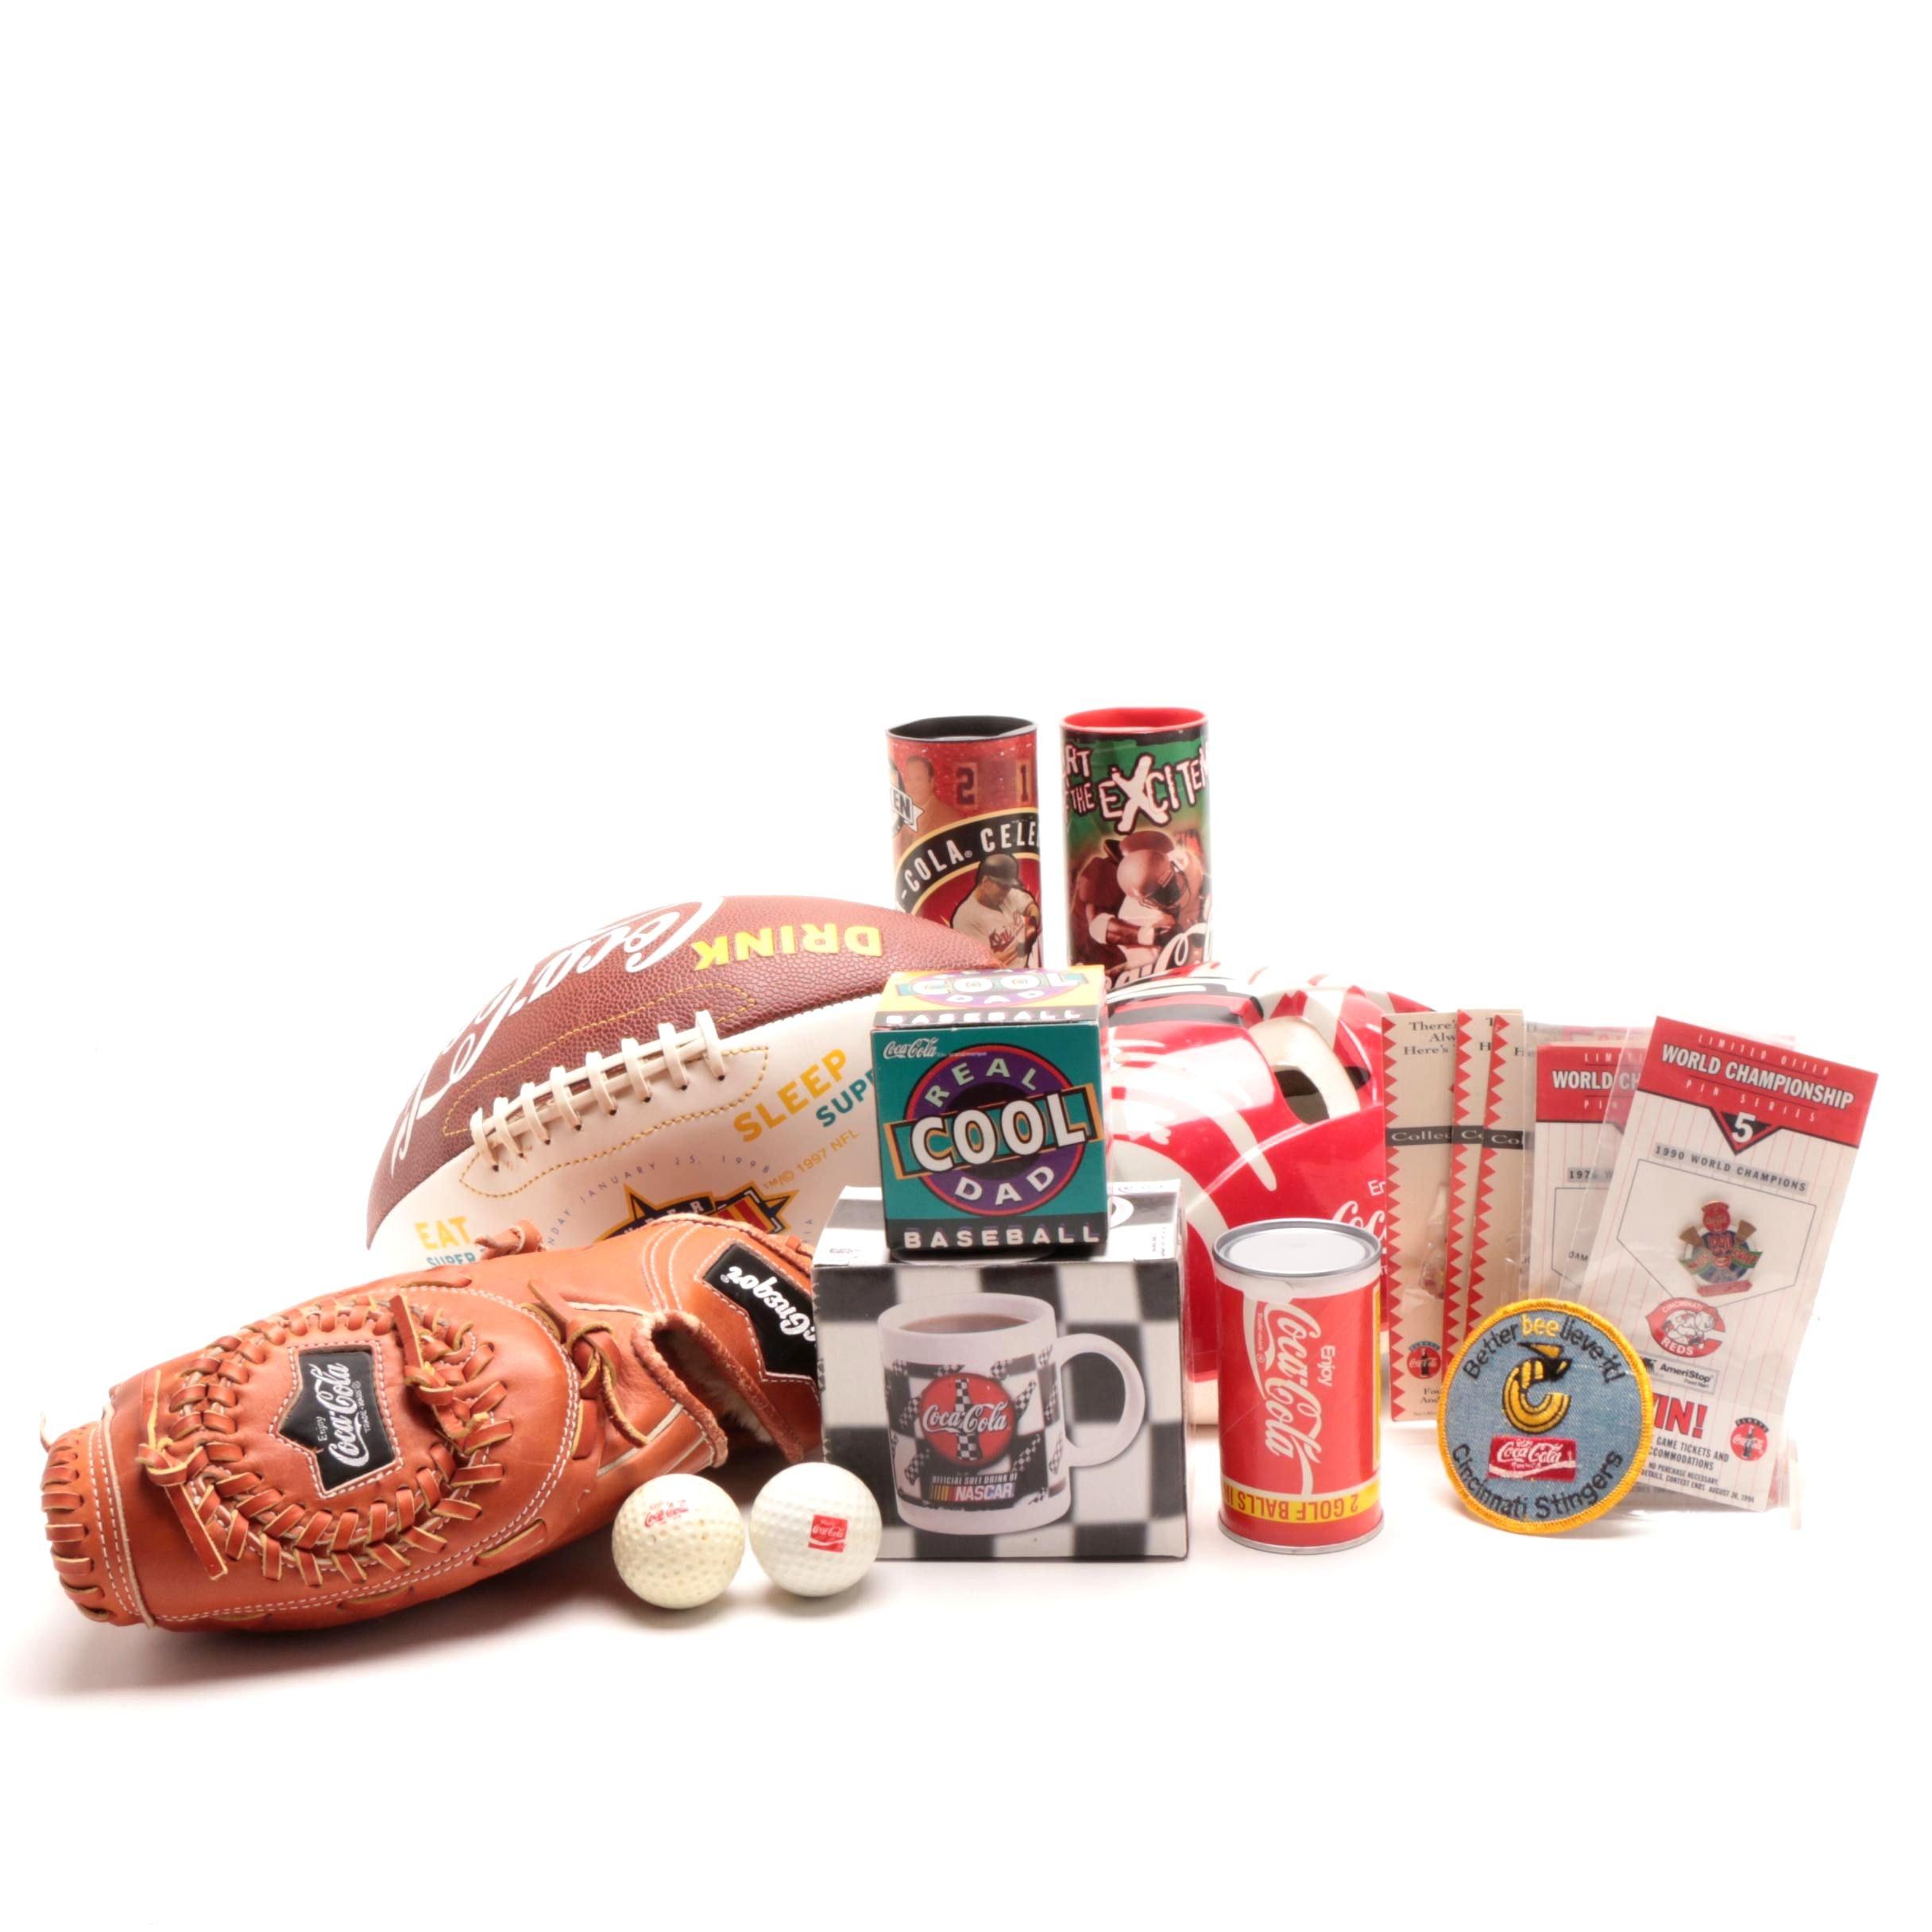 Coca-Cola Collector's Items